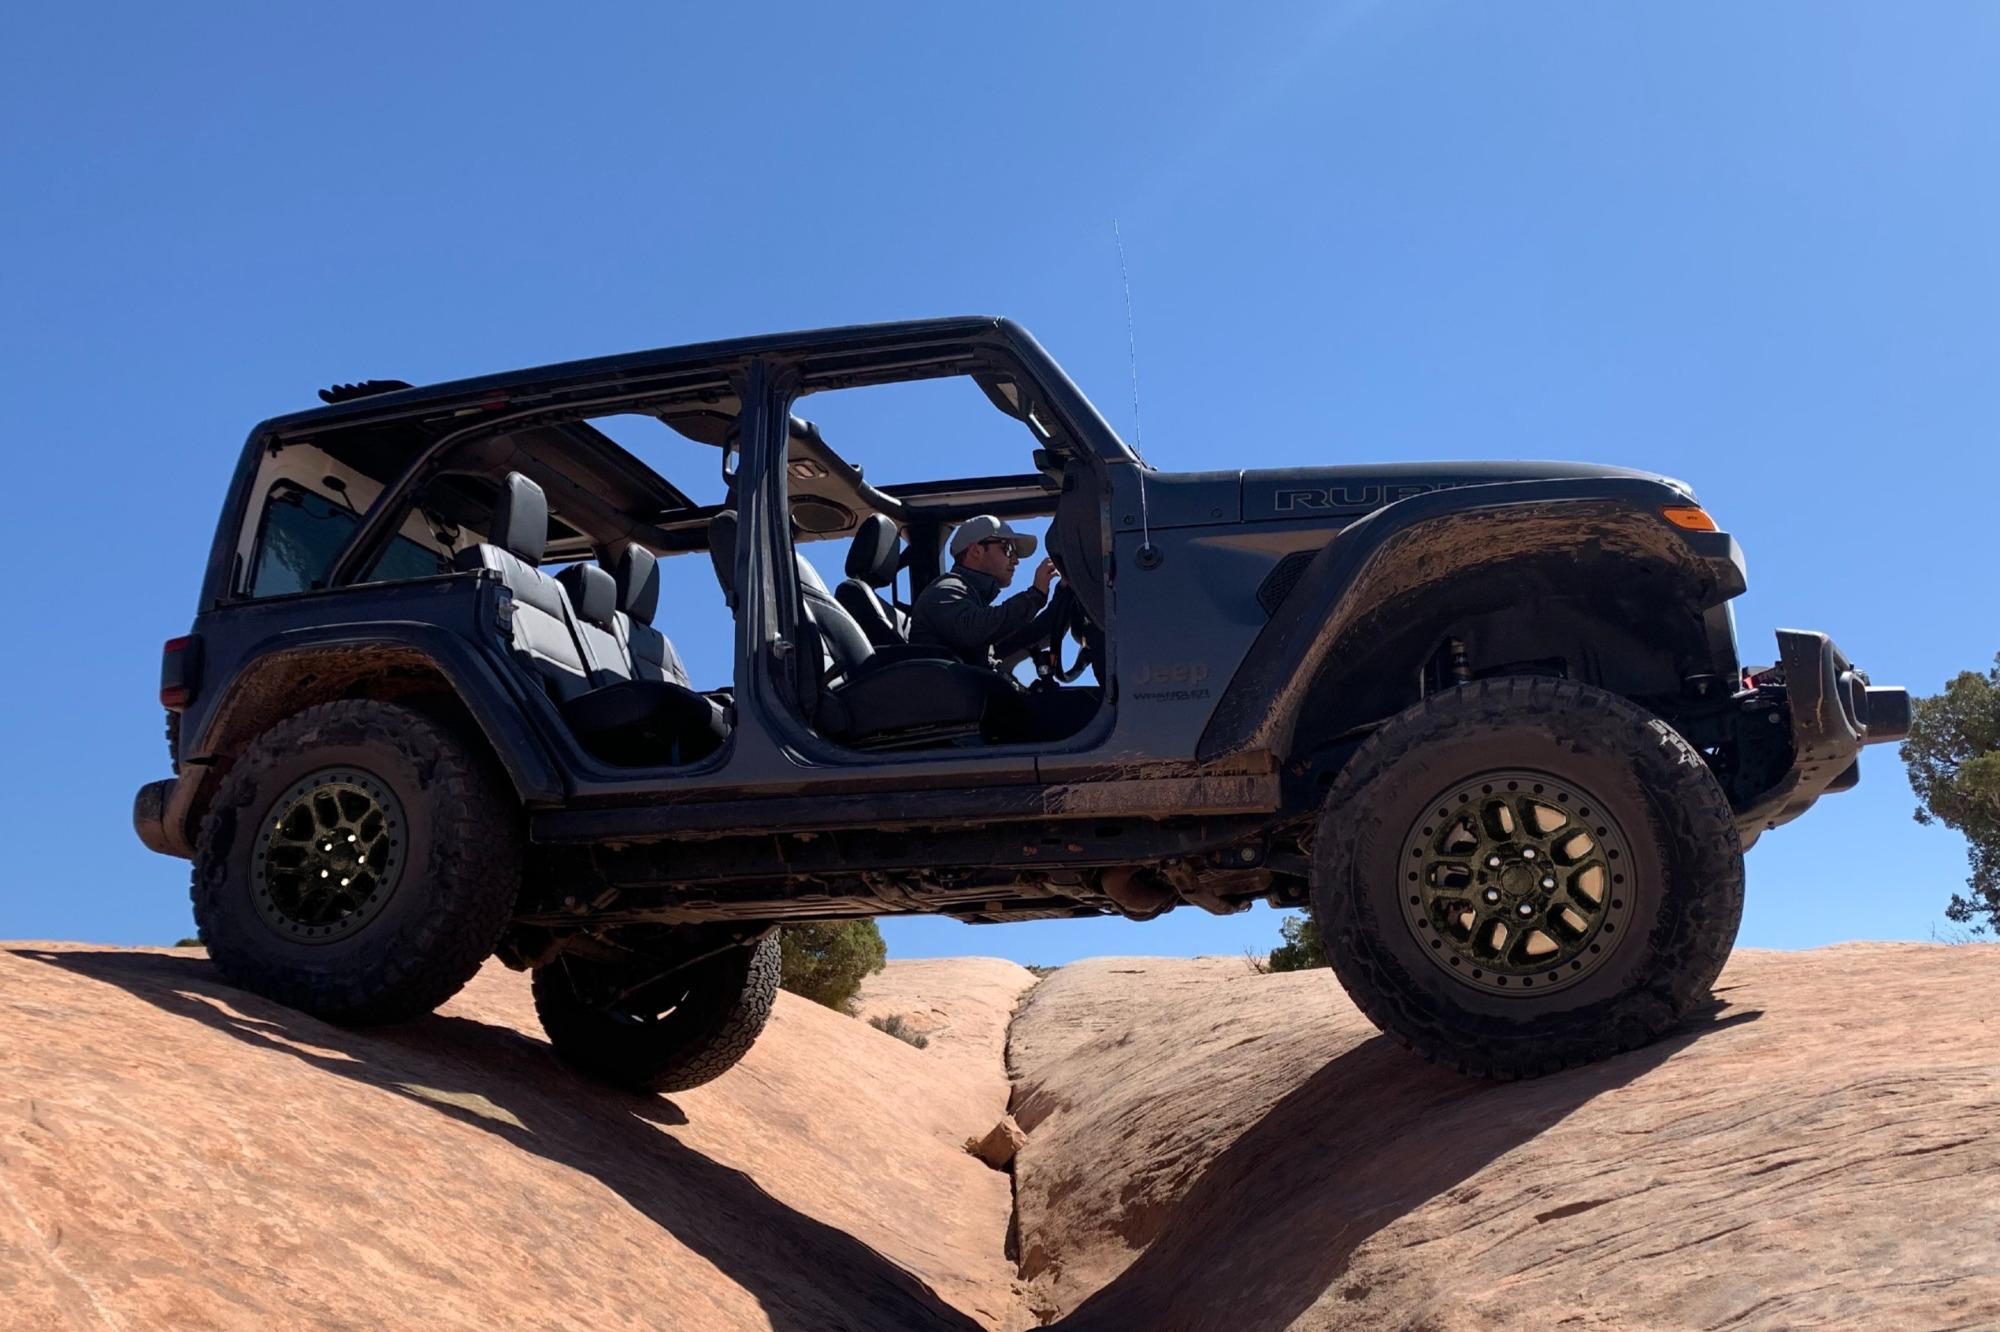 jeep wrangler com novo pacote de equipamentos Xtreme Recon